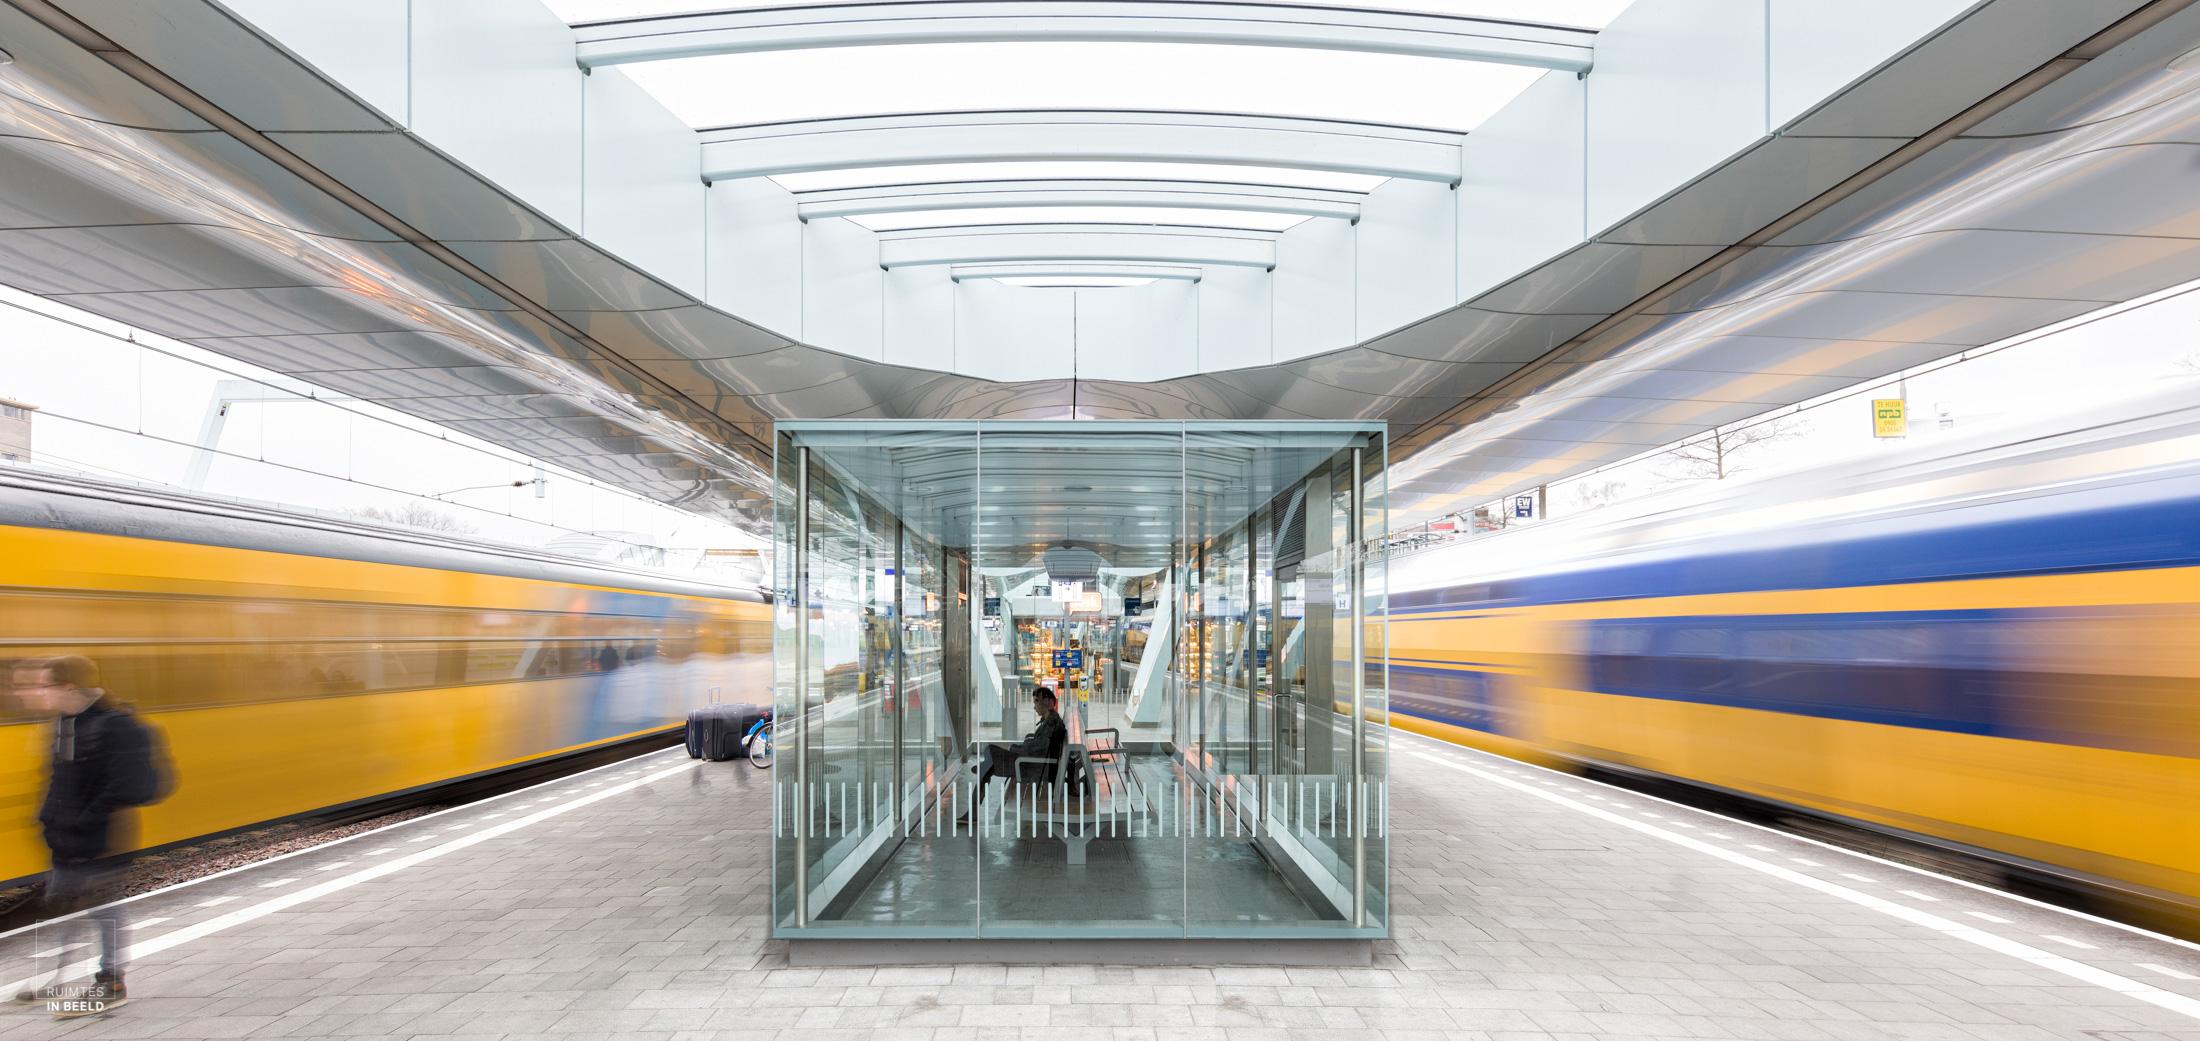 Een van de opgaves voor de architectuurfotograaf bij het fotograferen van stations, of andere infrastructurele gebouwen, is het vastleggen van de dynamiek.